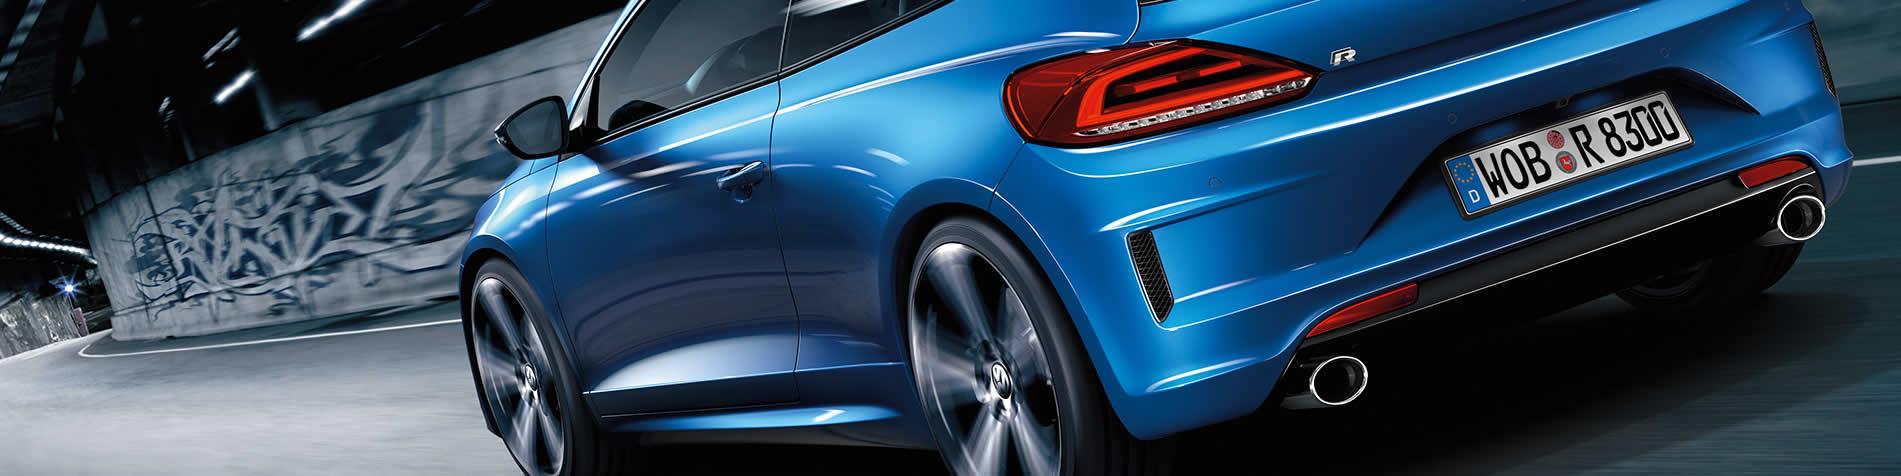 Volkswagen Scirocco header